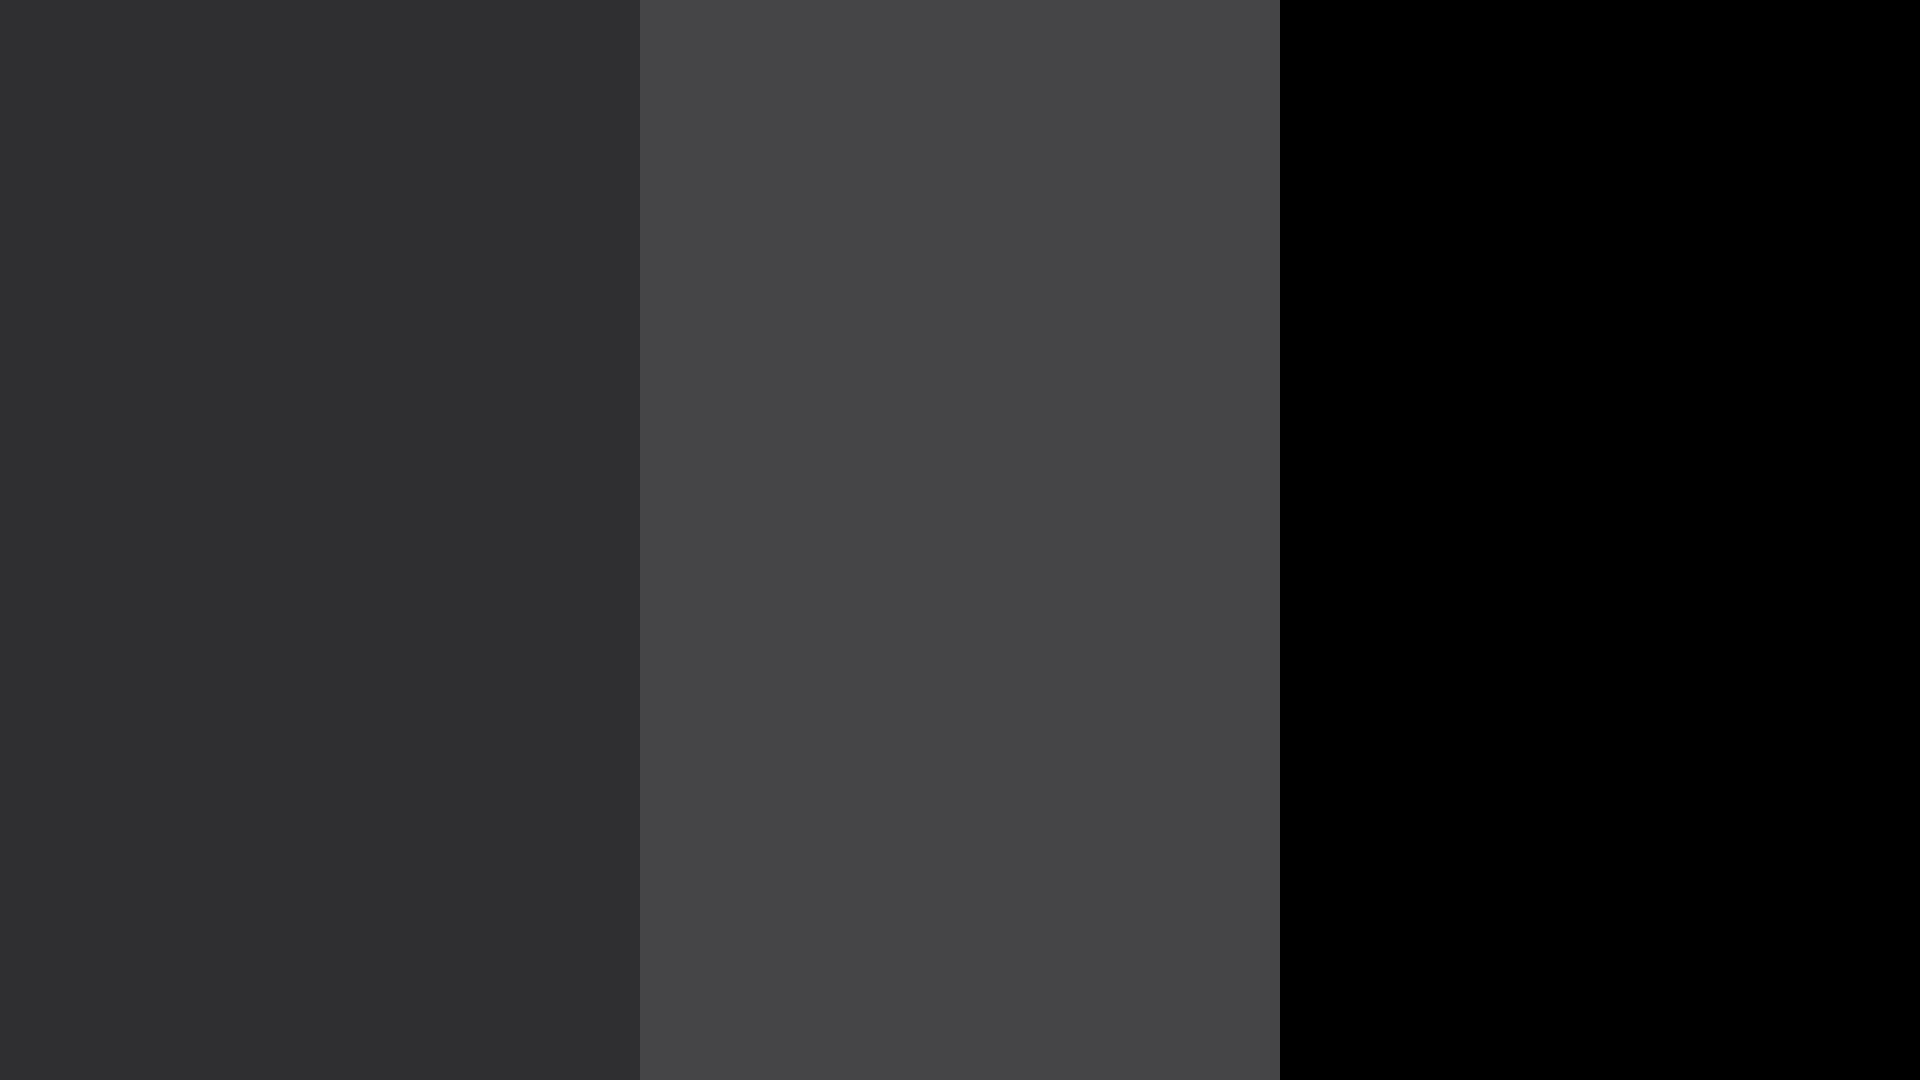 Classic Matte Black Color Scheme Black Schemecolor Com